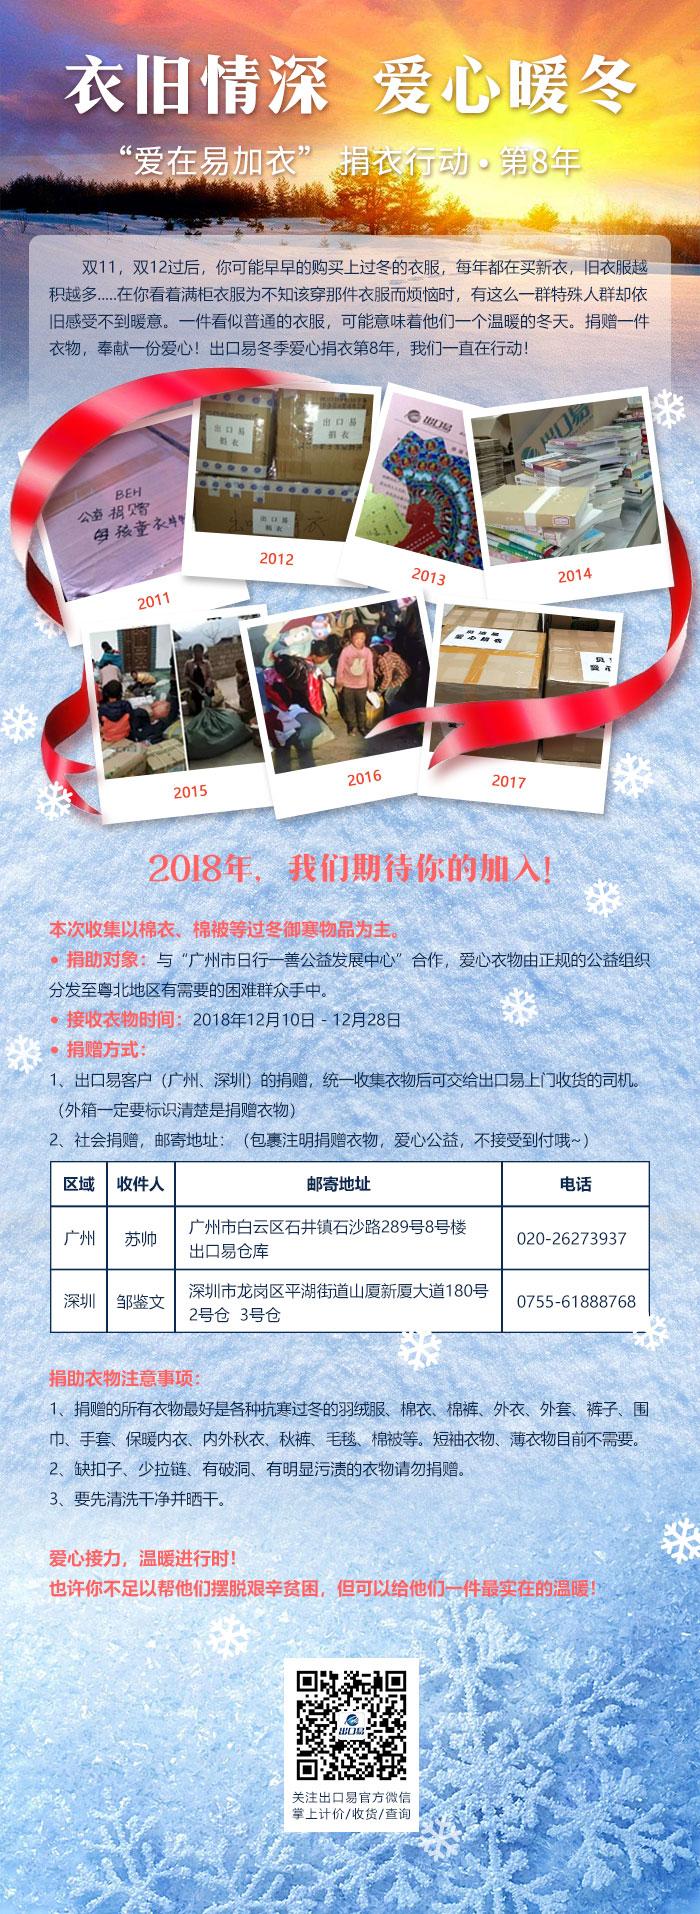 冬季捐衣活动